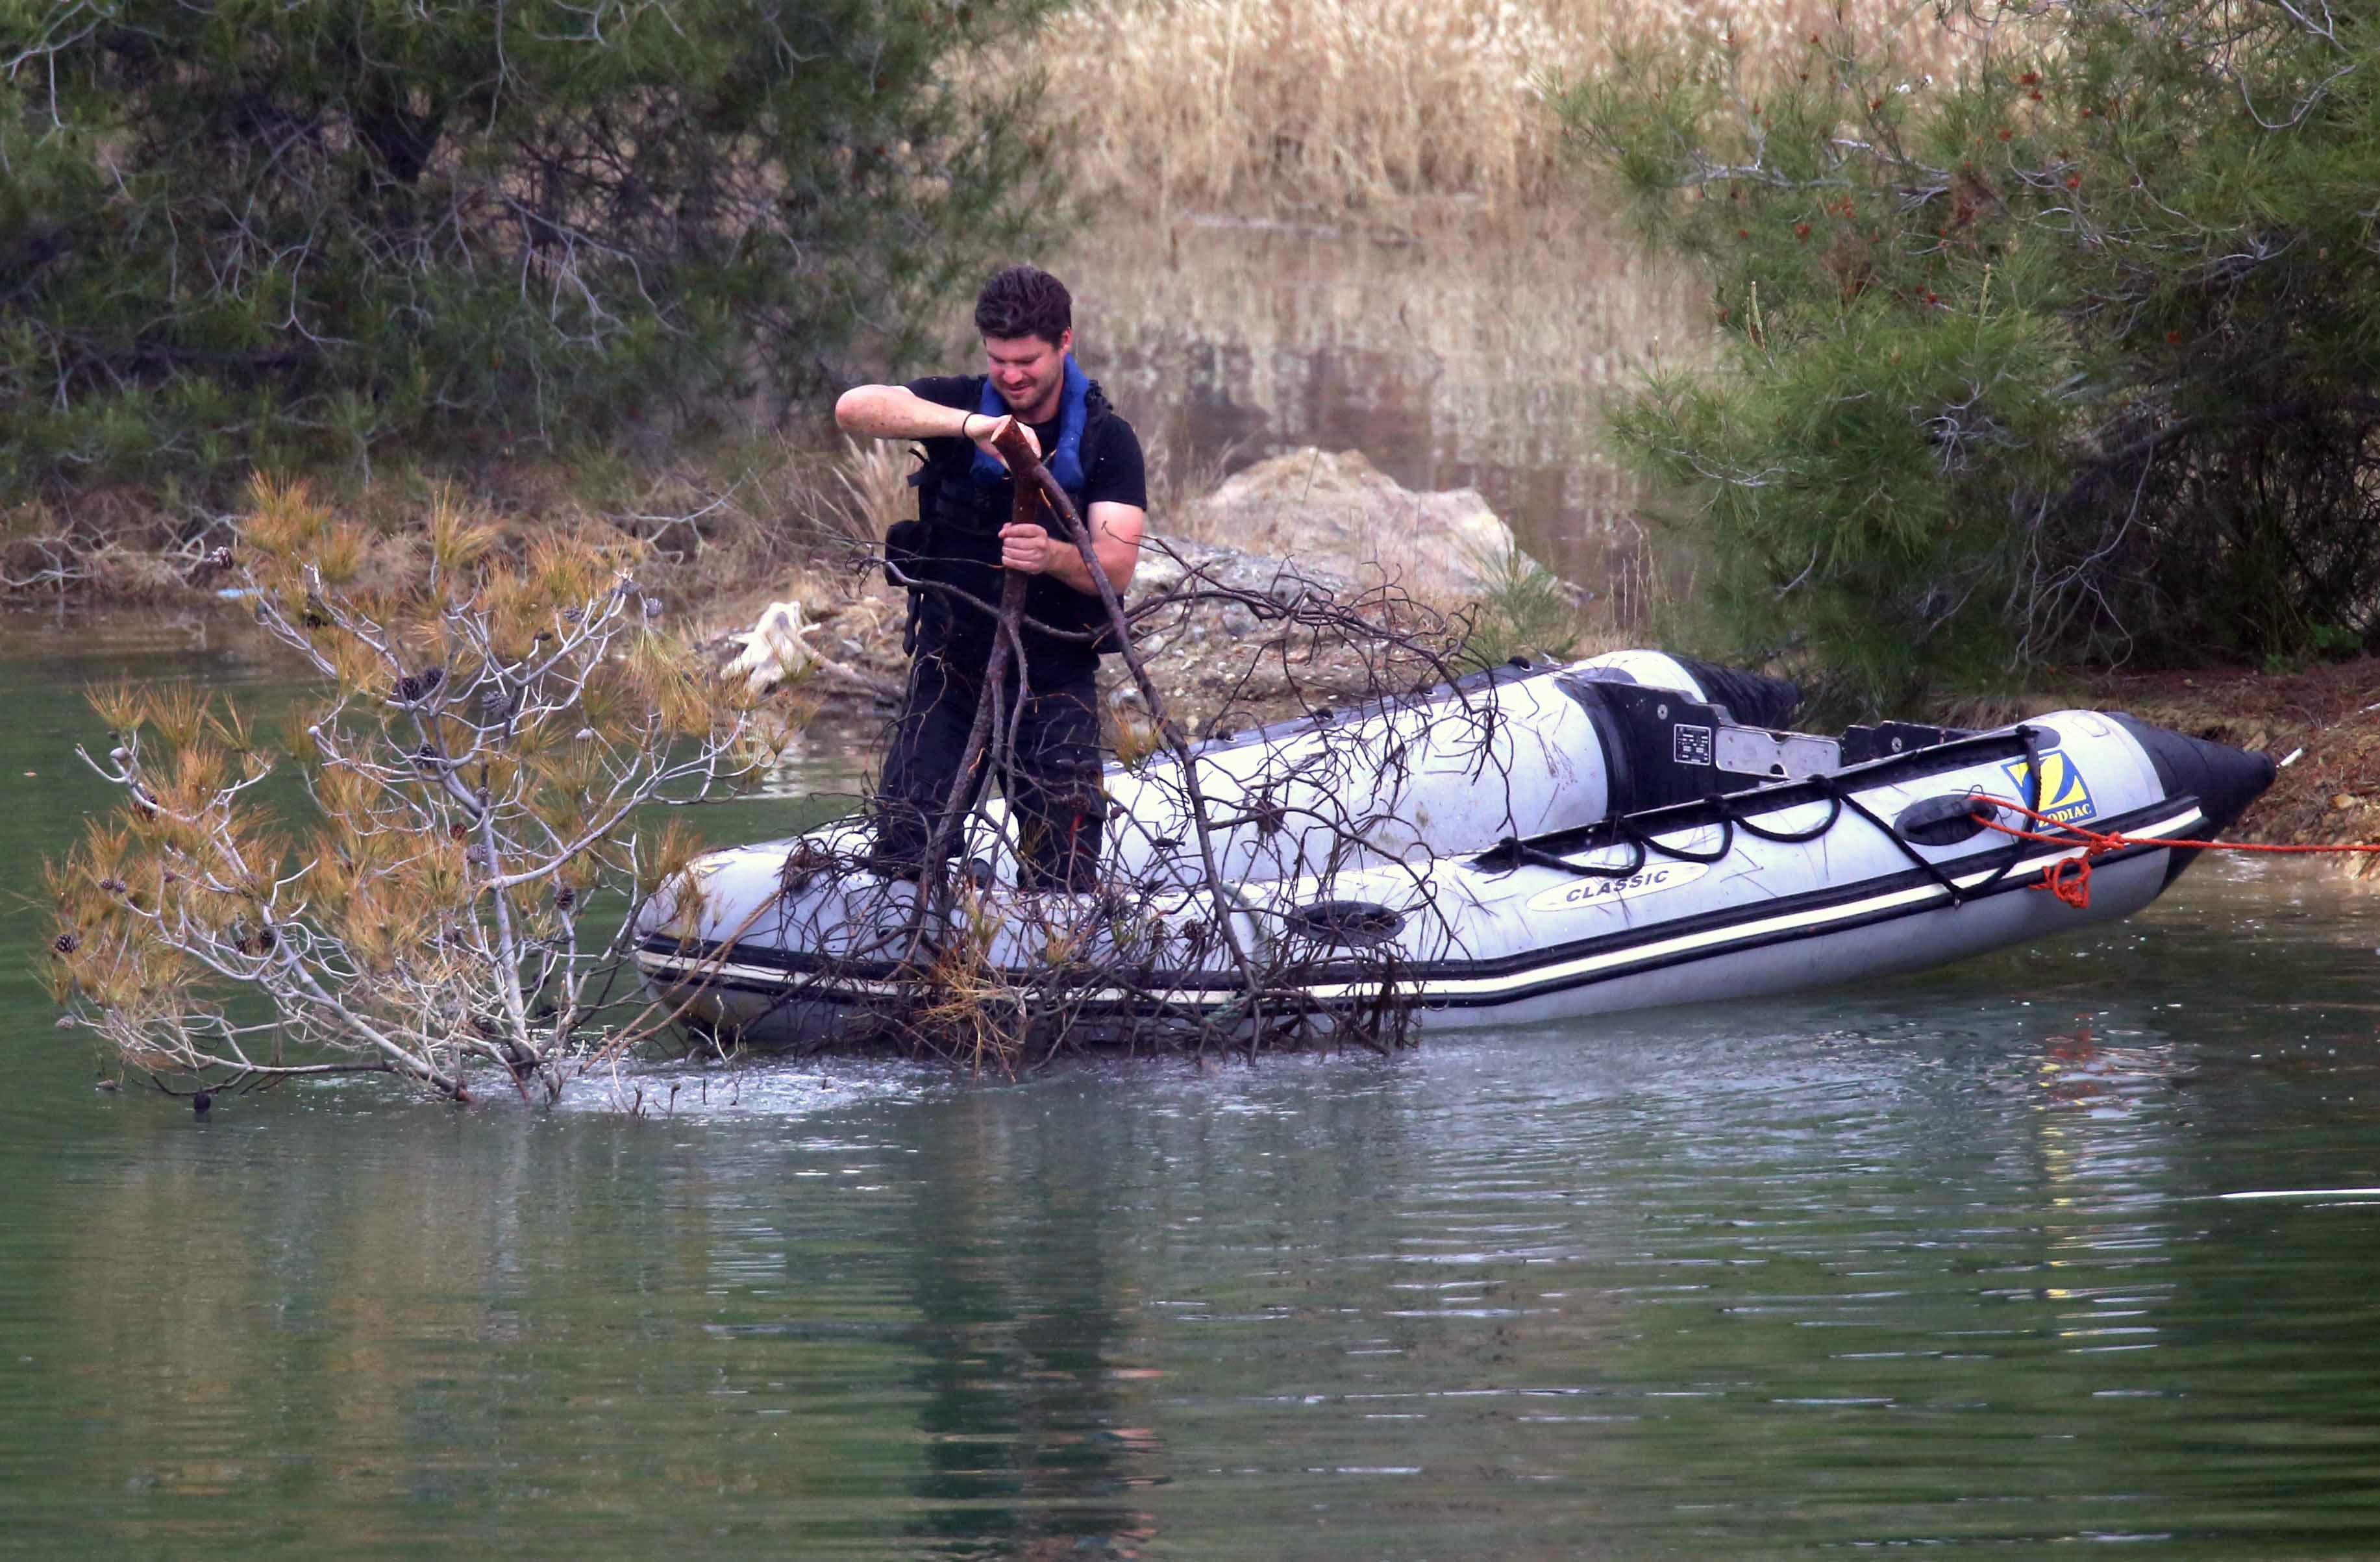 Кипърските власти издирват нови жертви, които се предполага, че са убити от 35-годишен офицер от кипърската гръцка армия. Мъжът е признал, че е убил седем жени и момичета.